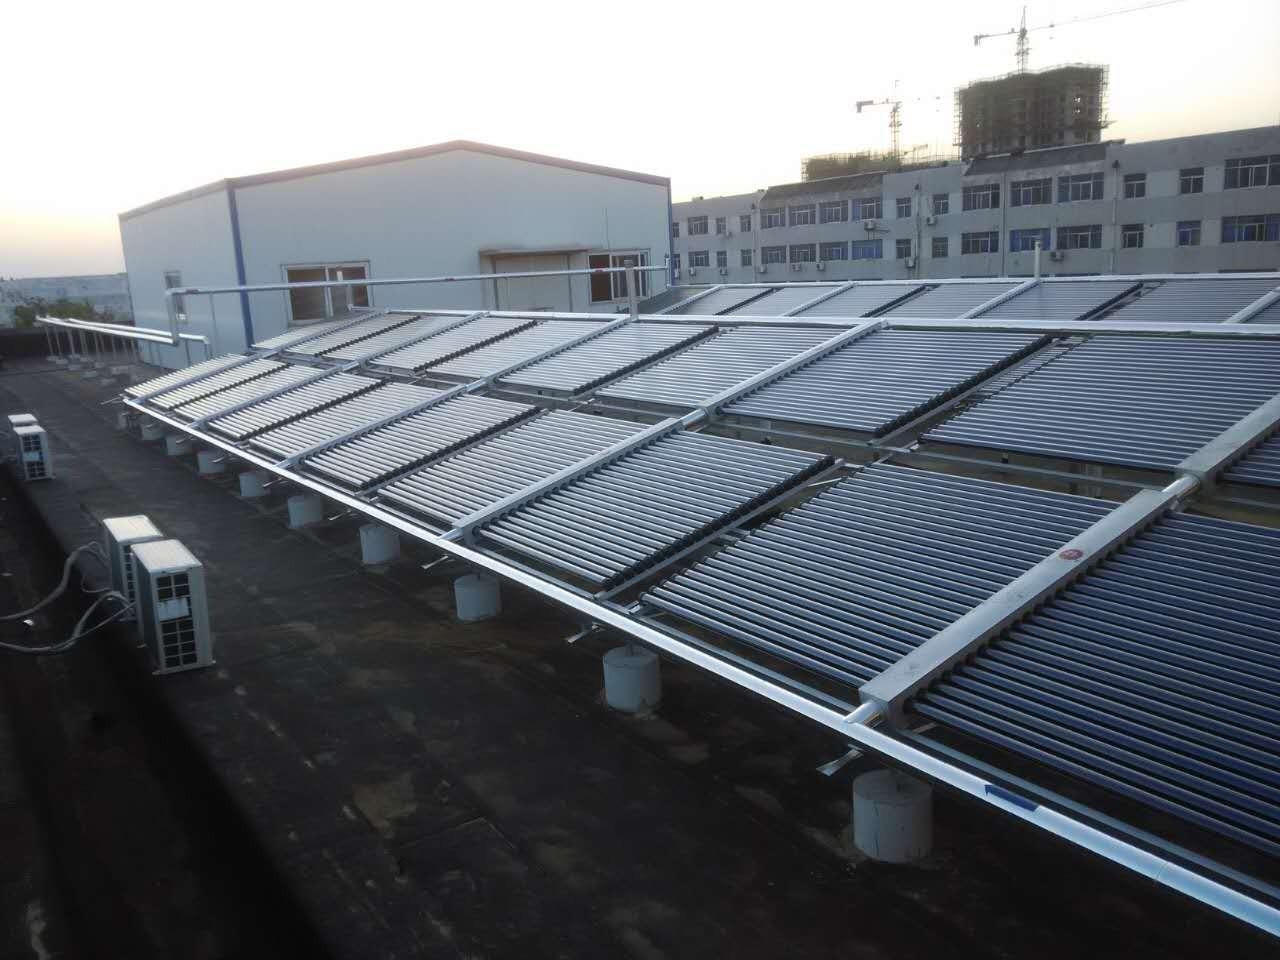 西藏新聞:措美空氣源熱水及瓊結太陽能系統設備安裝工程2020年服務